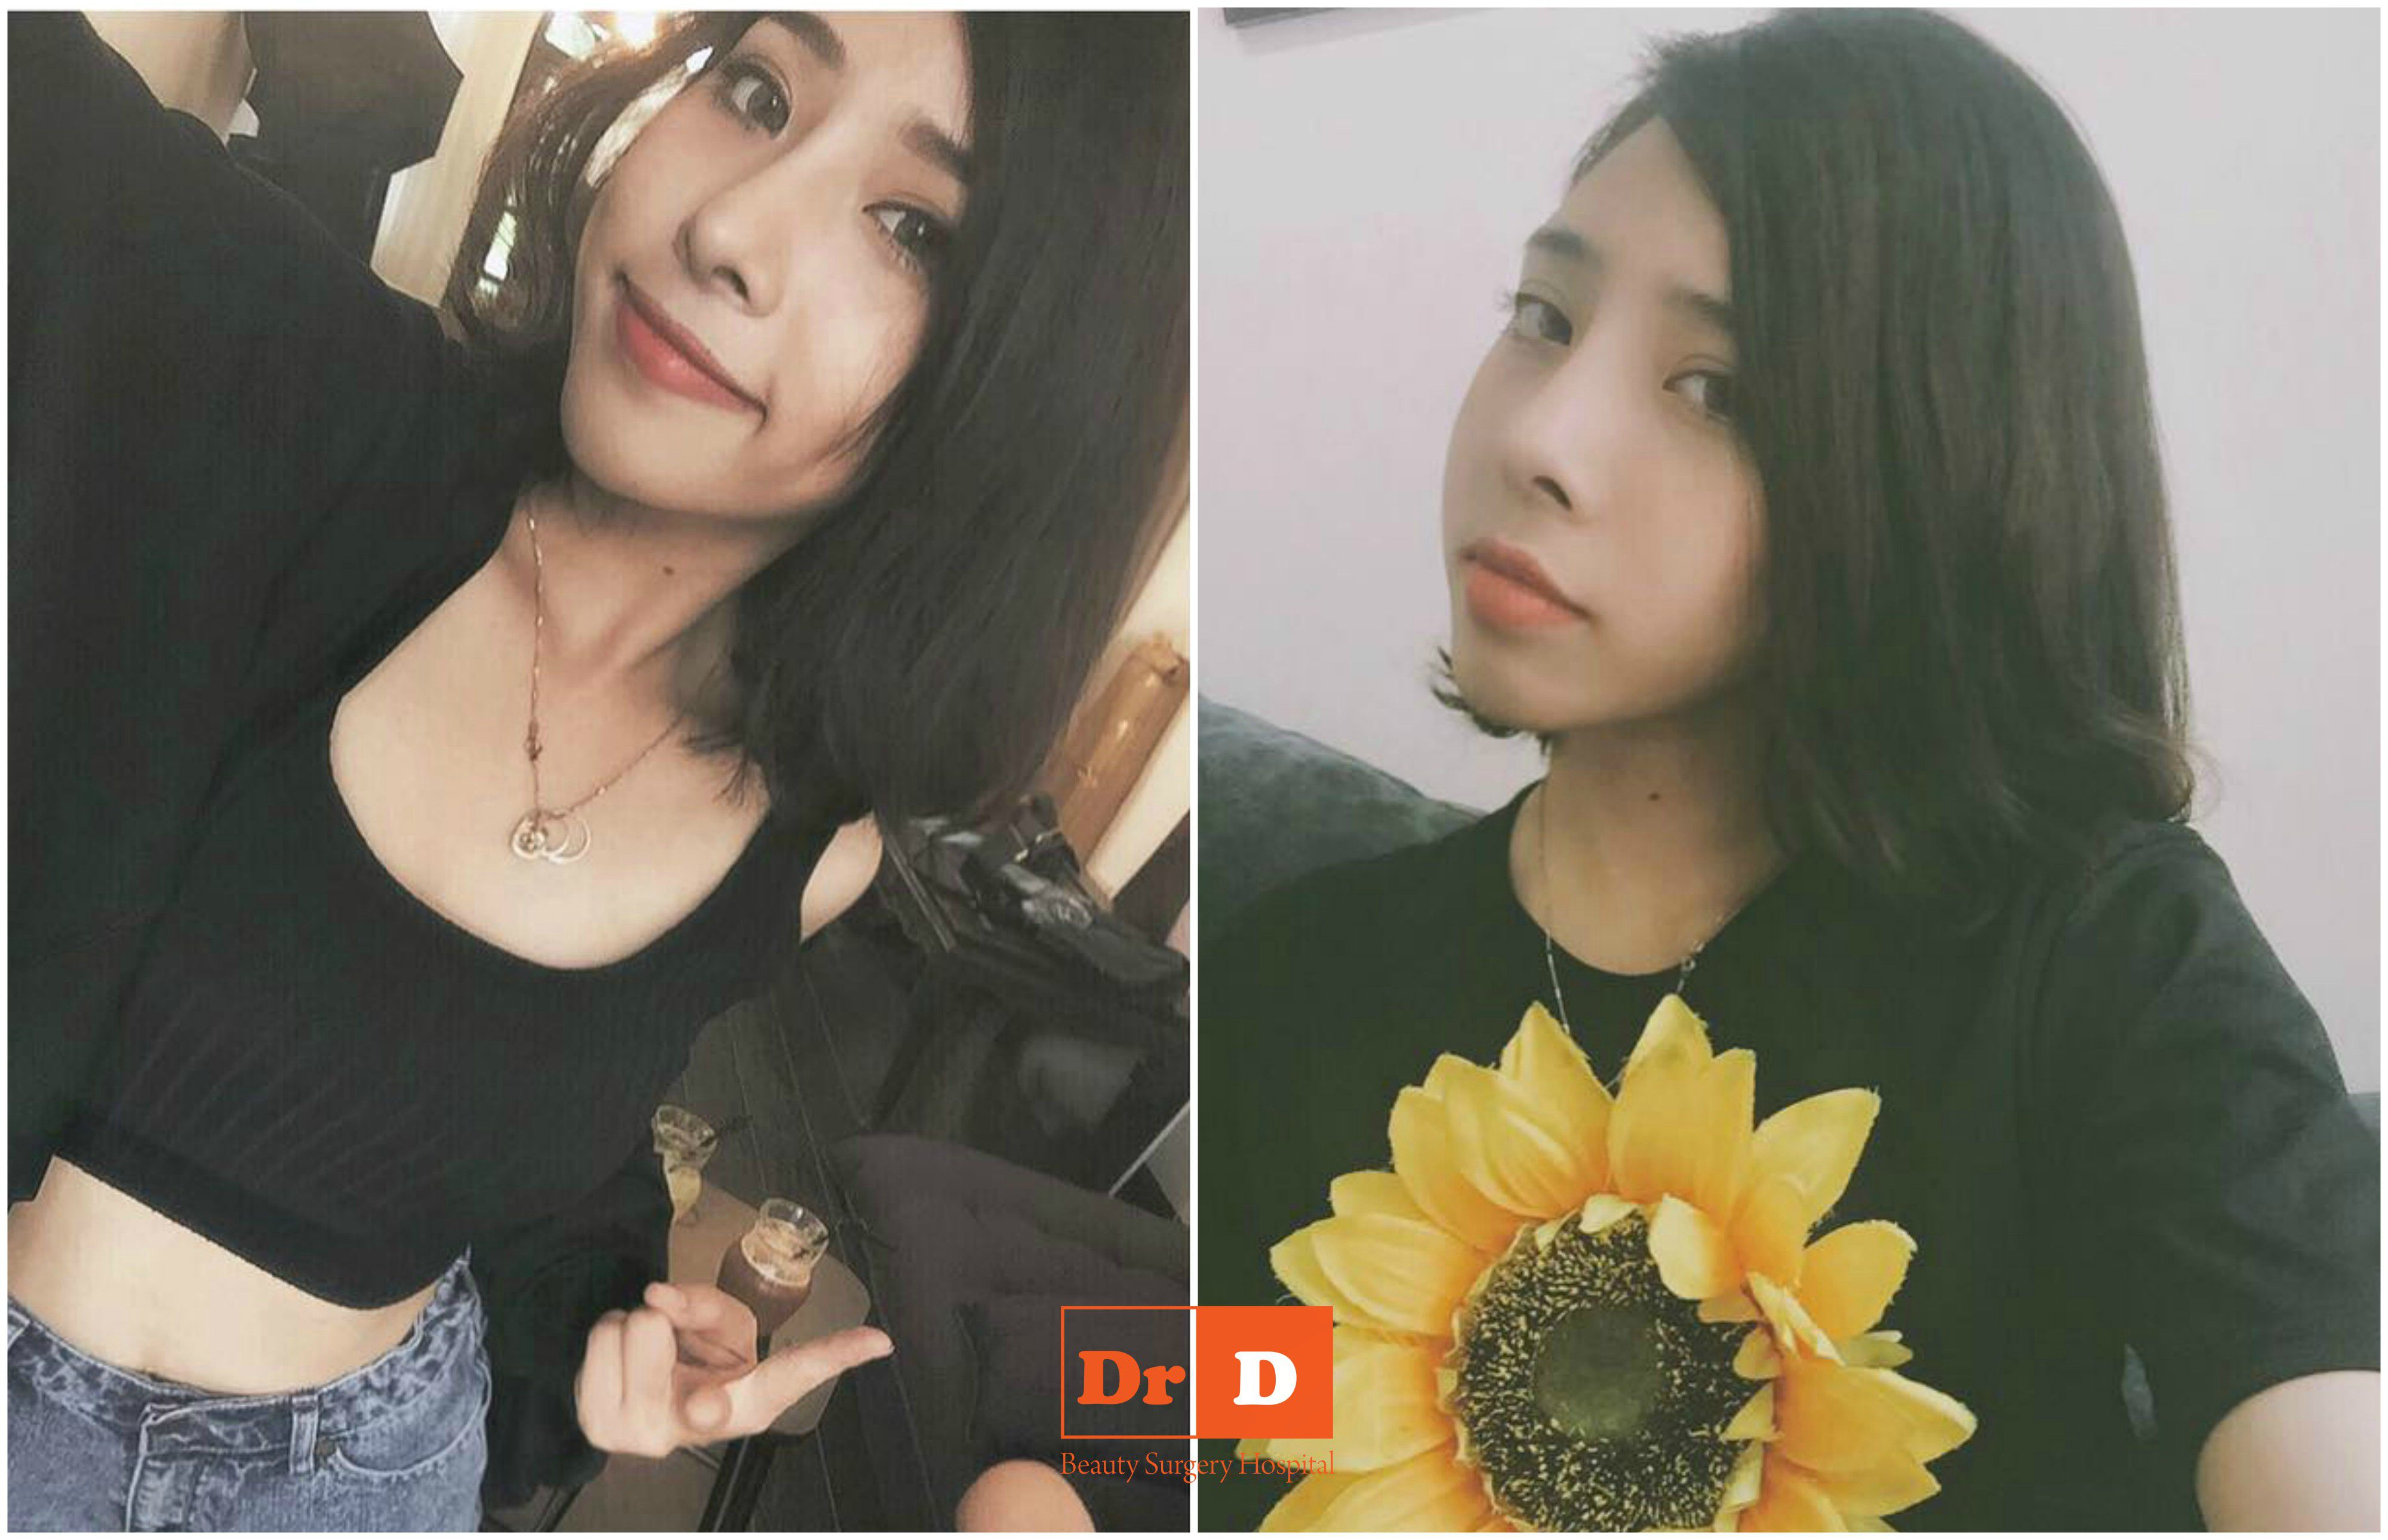 hanh-trinh-gian-nan-di-tim-ve-dep-dich-thuc-cua-co-gai-93 (4) Hành trình gian nan đi tìm vẻ đẹp đích thực của cô gái 93